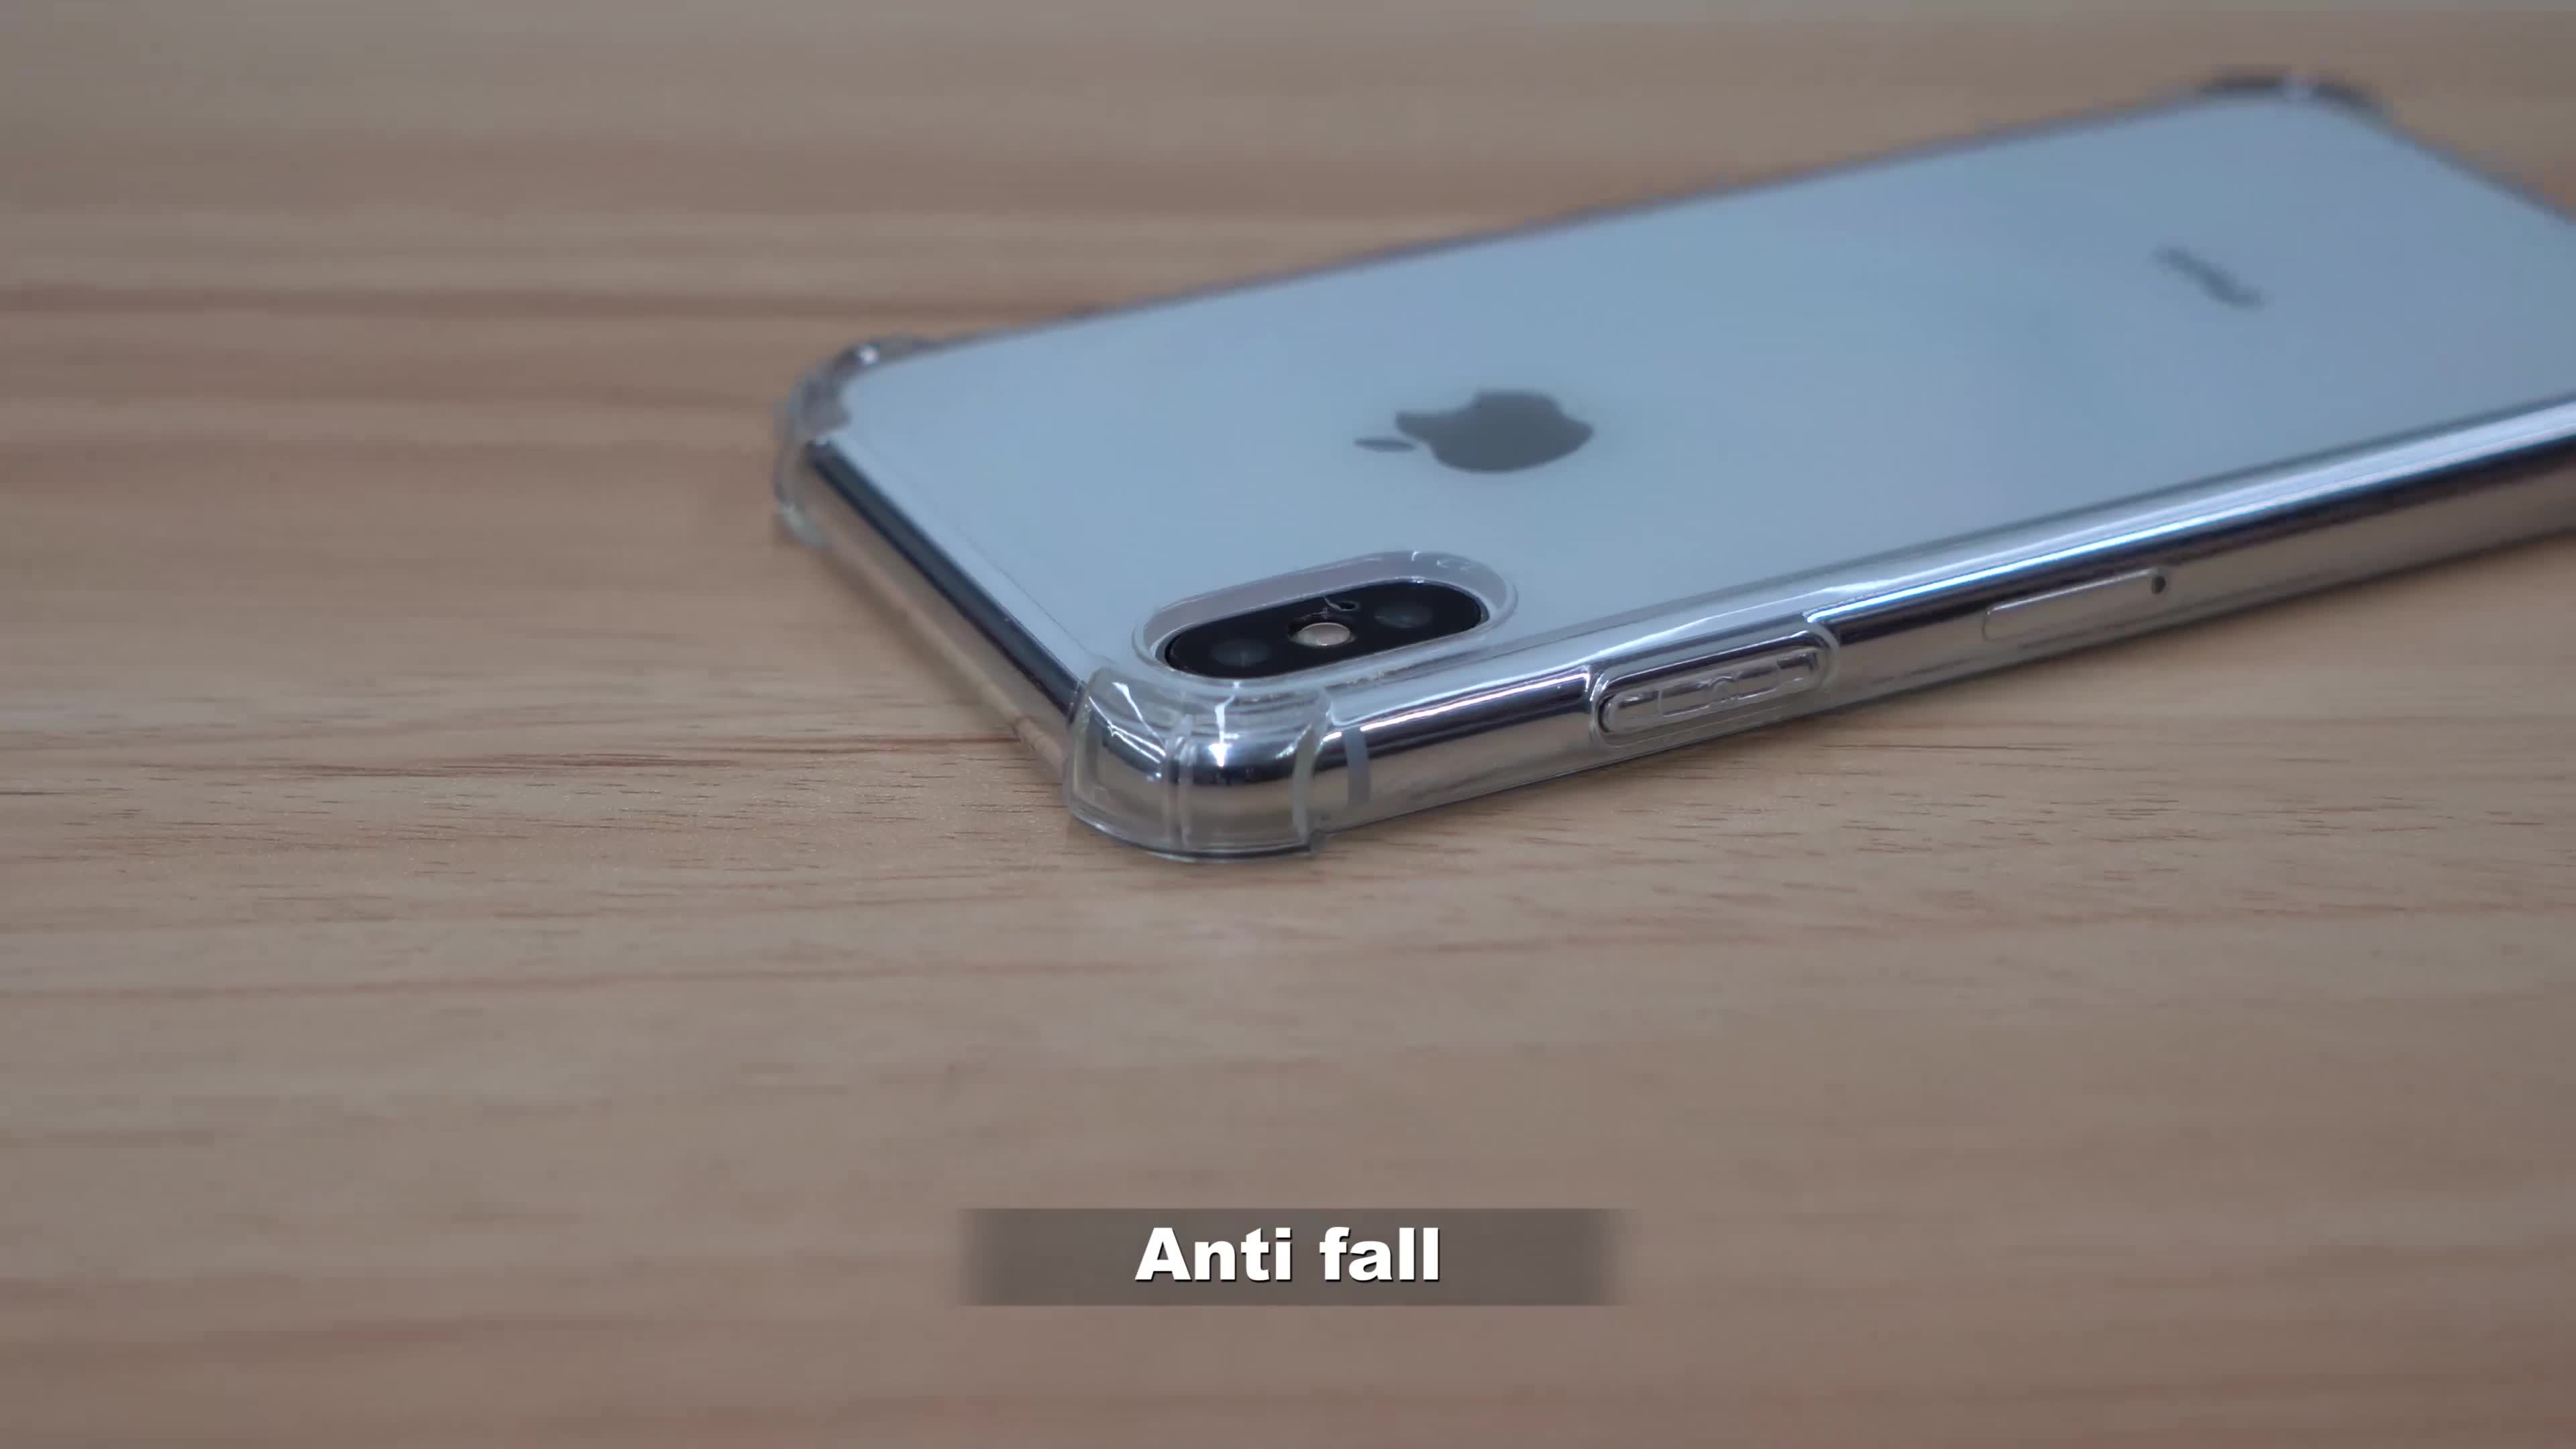 ซิลิโคนนุ่มโปร่งใส Ultra Thin TPU โทรศัพท์มือถือสำหรับ iPhone X/XS/XS plus